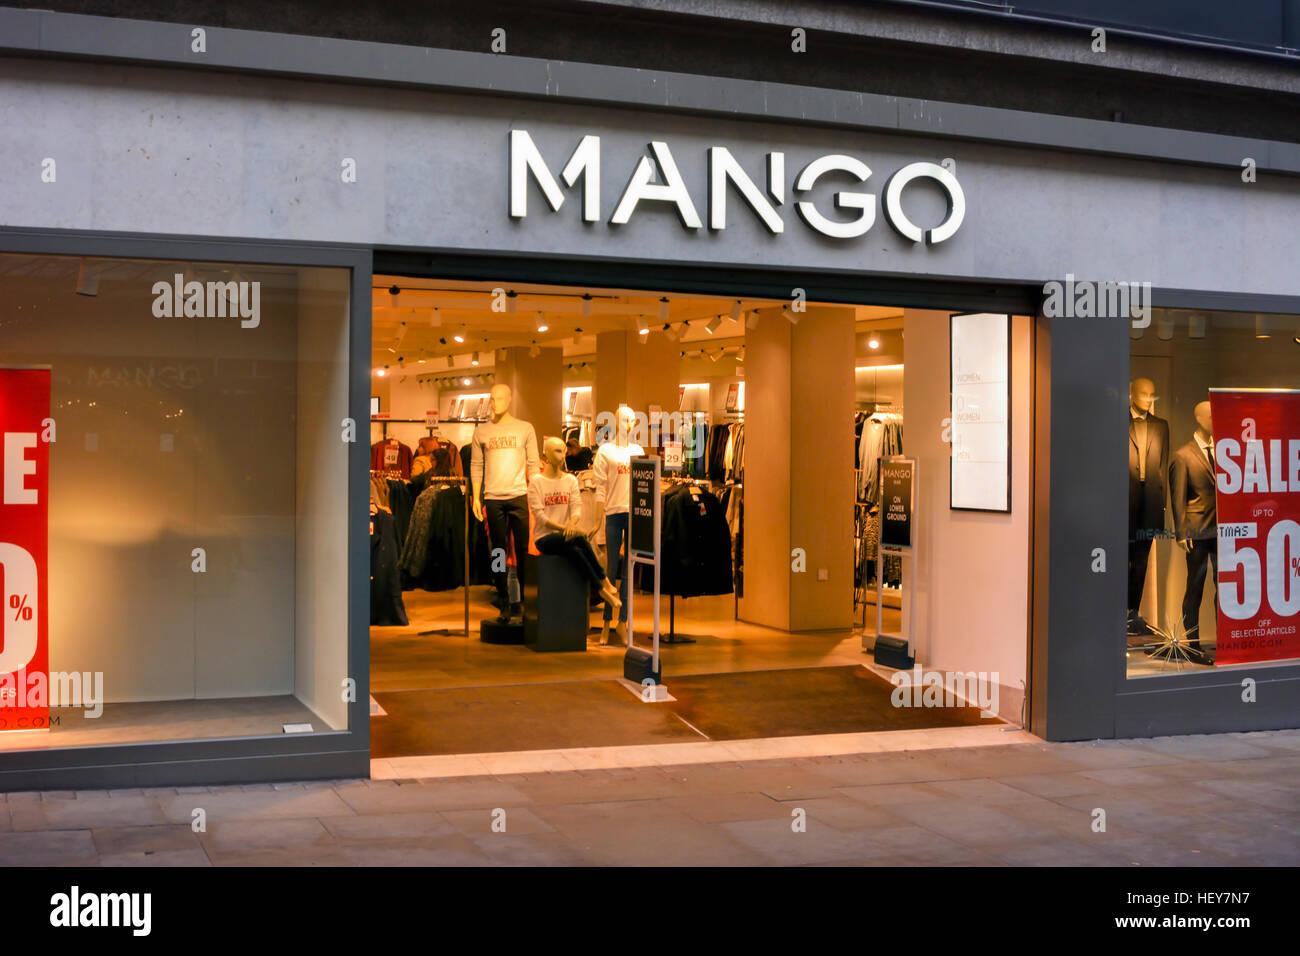 finest selection 38260 fcf6f Negozio di mango in Market Street, Manchester Foto ...